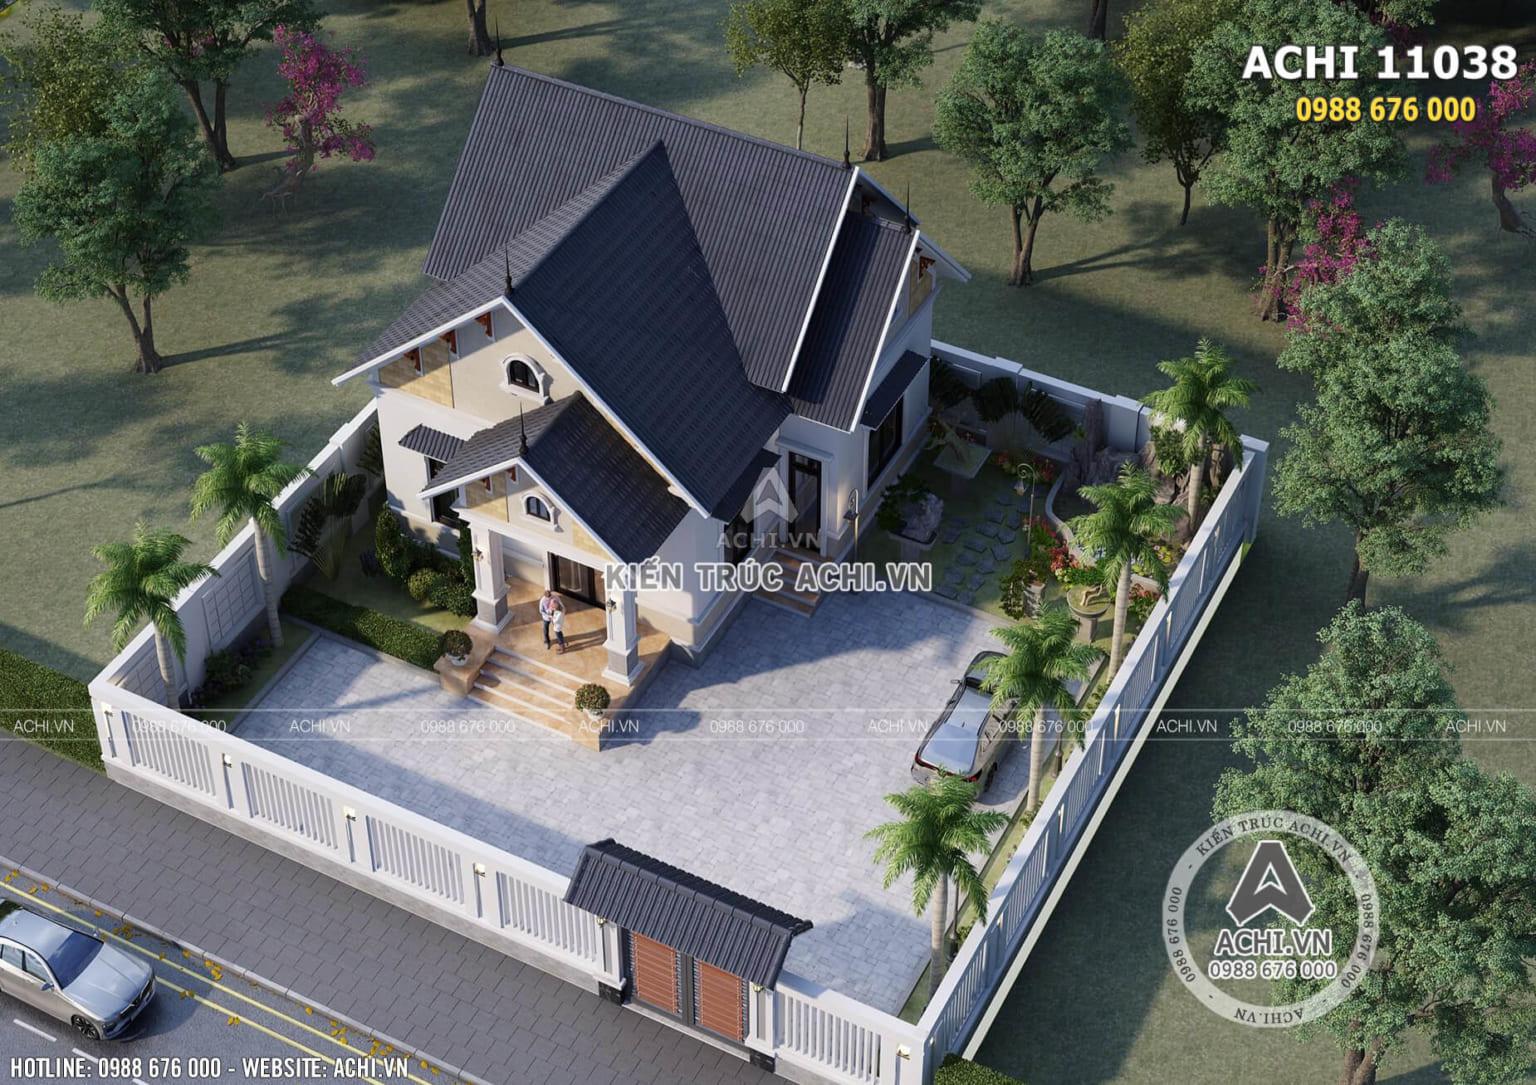 Hình ảnh: Toàn cảnh thiết kế nhà cấp 4 3 phòng ngủ khi nhìn từ trên cao – ACHI 11038